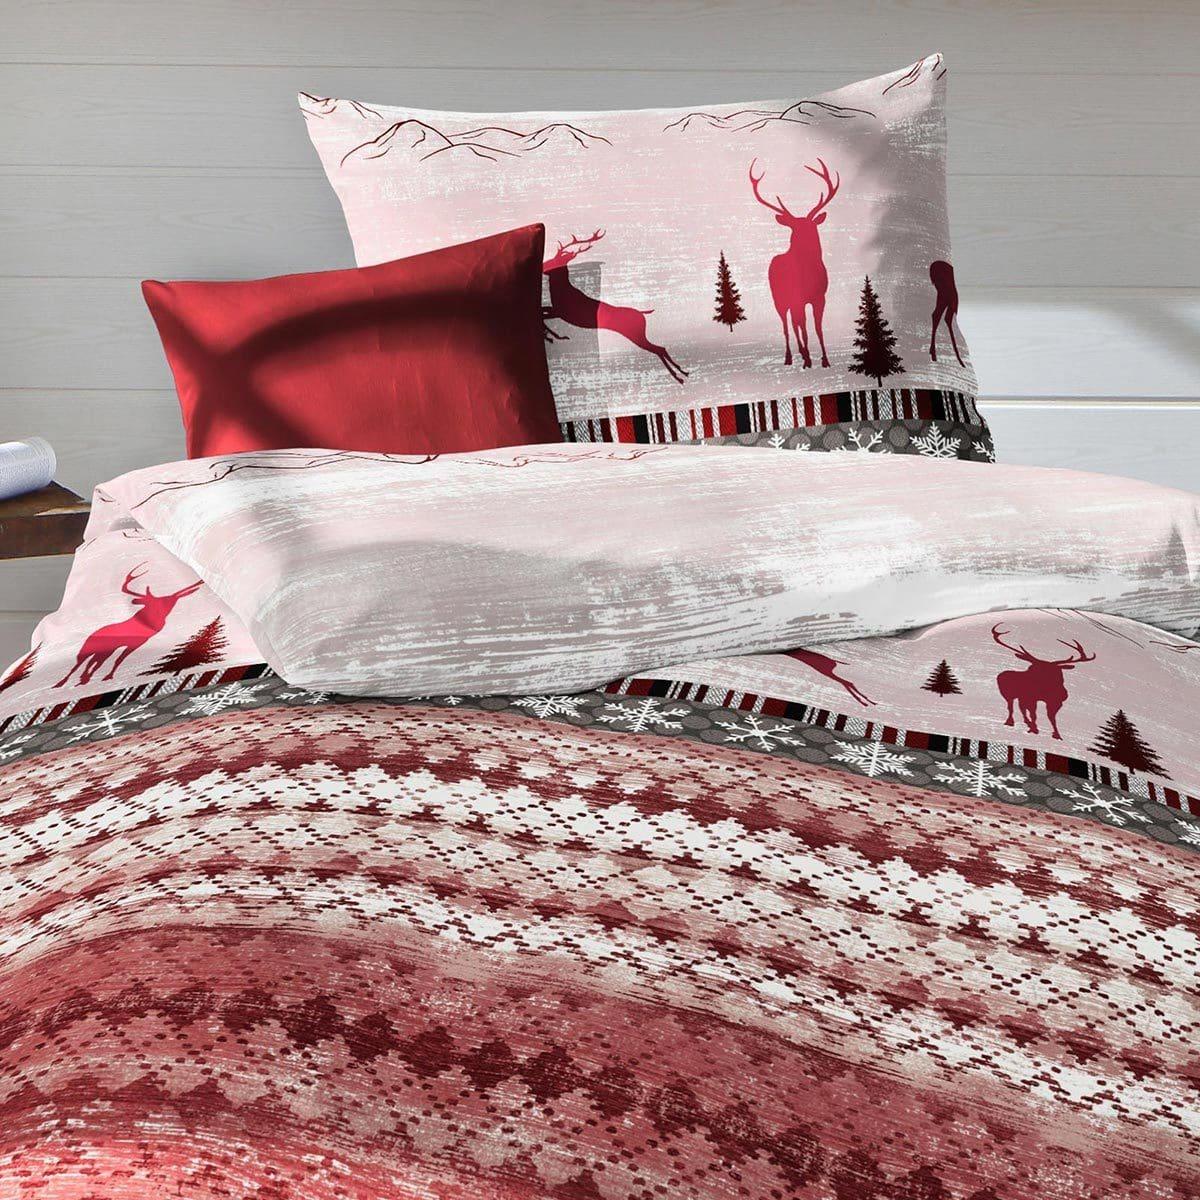 traumschlaf biber bettw sche davos hirsche und tannen g nstig online kaufen bei bettwaren shop. Black Bedroom Furniture Sets. Home Design Ideas